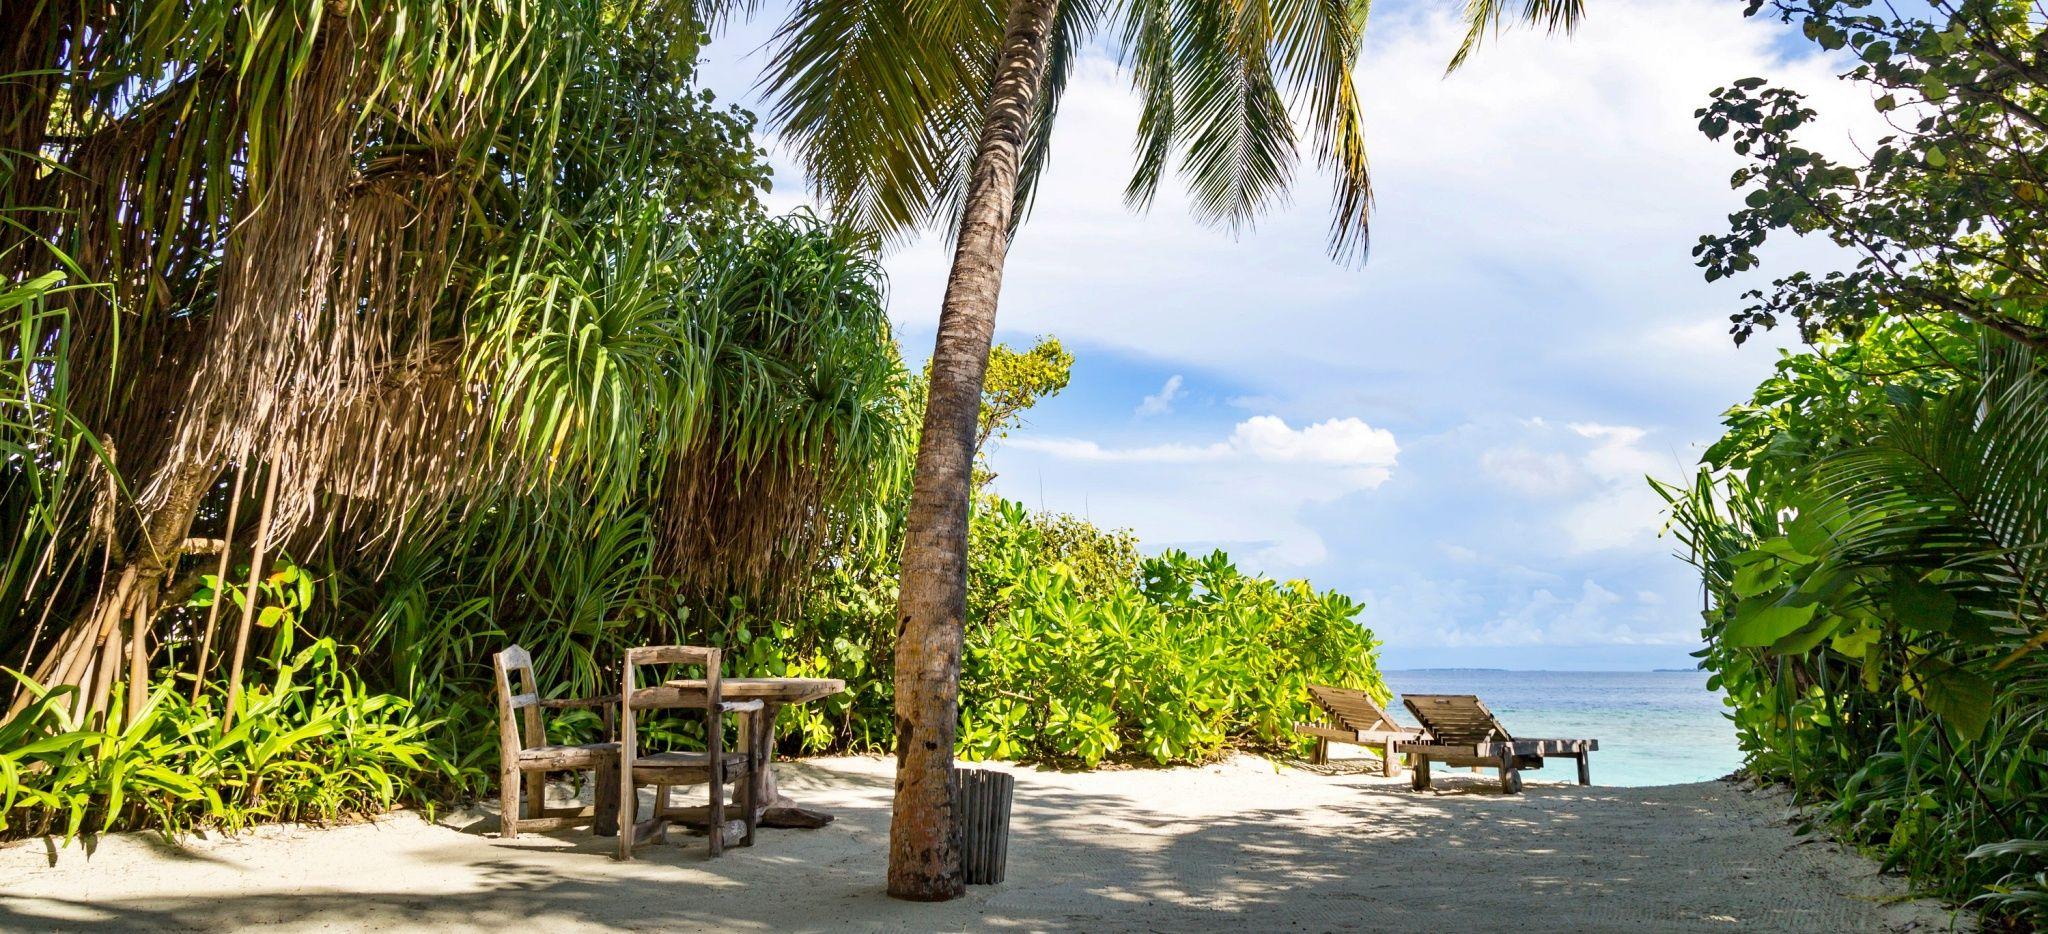 Ein naturbelassener Strandzugang durch Gebüsch und Palmen, mit einer Strandliege